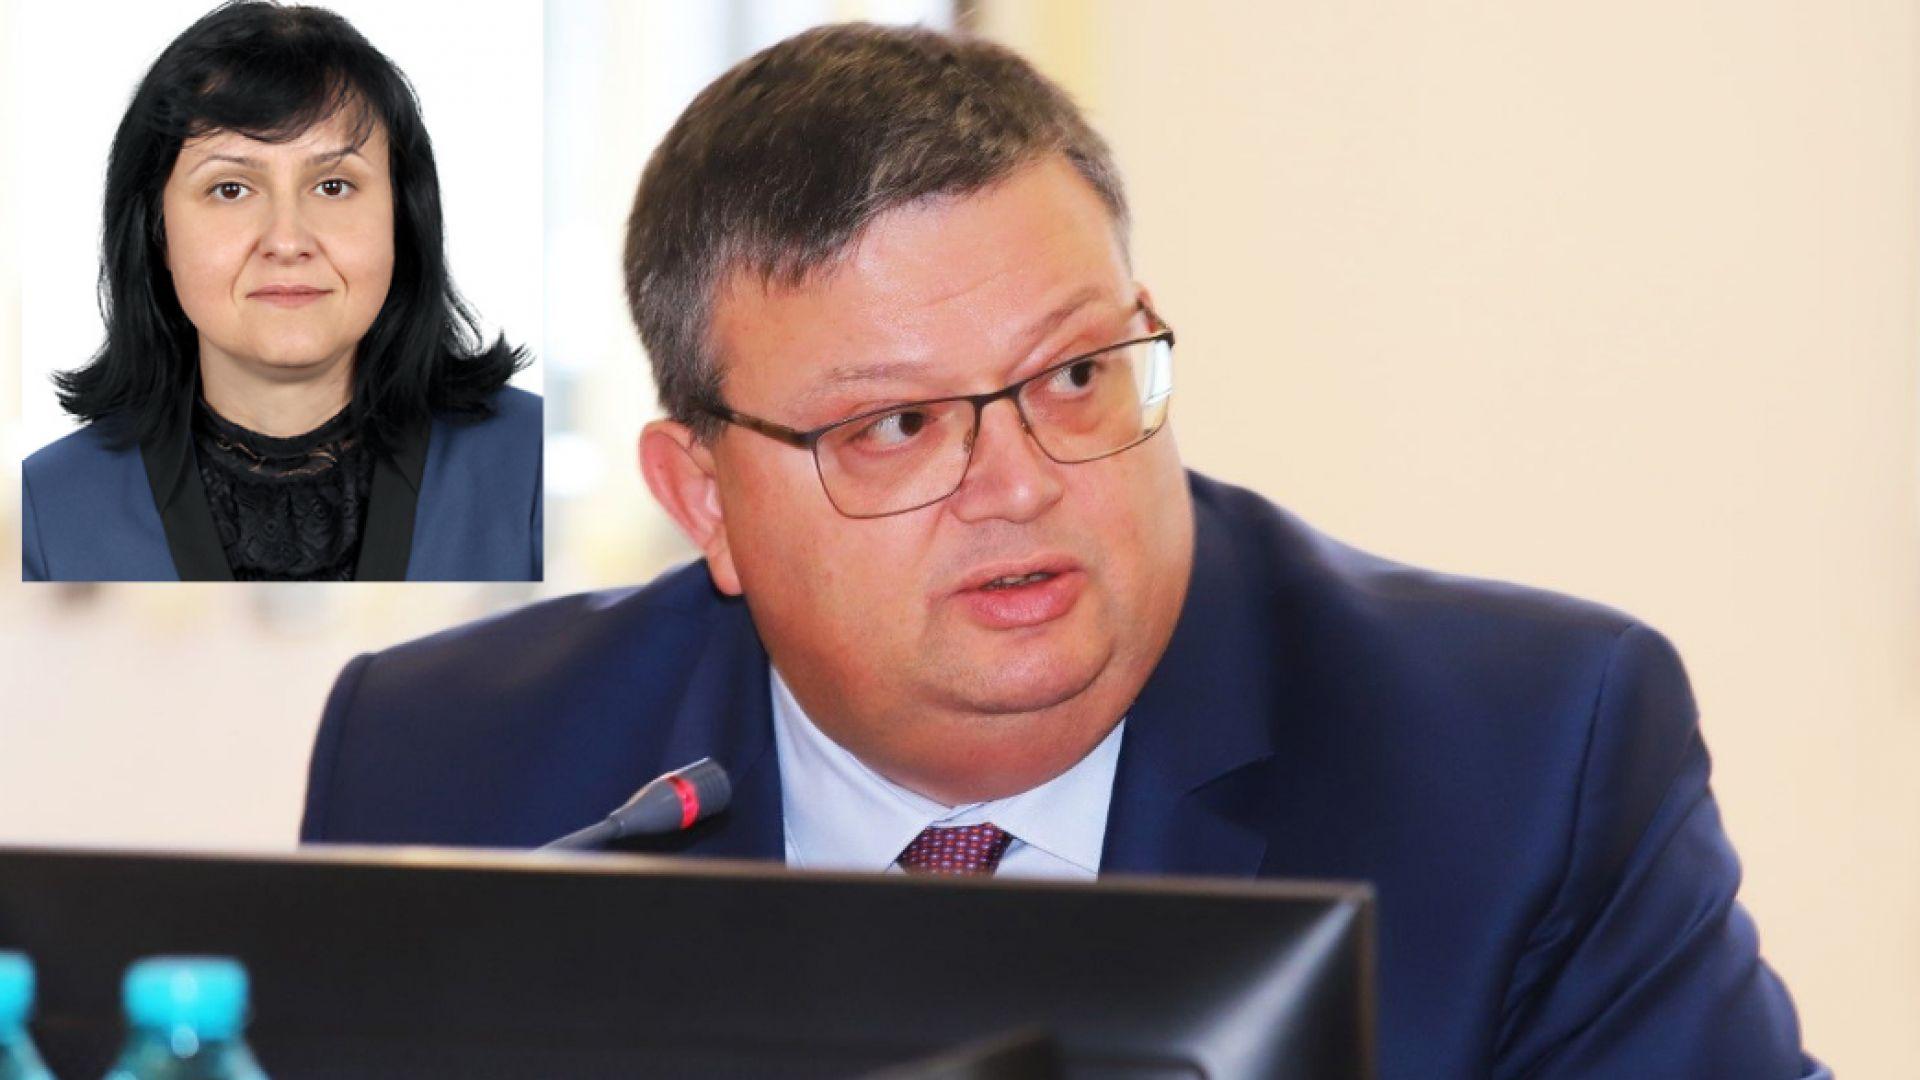 Мария Шишкова подаде оставка като зам.-главен прокурор. В молбата си